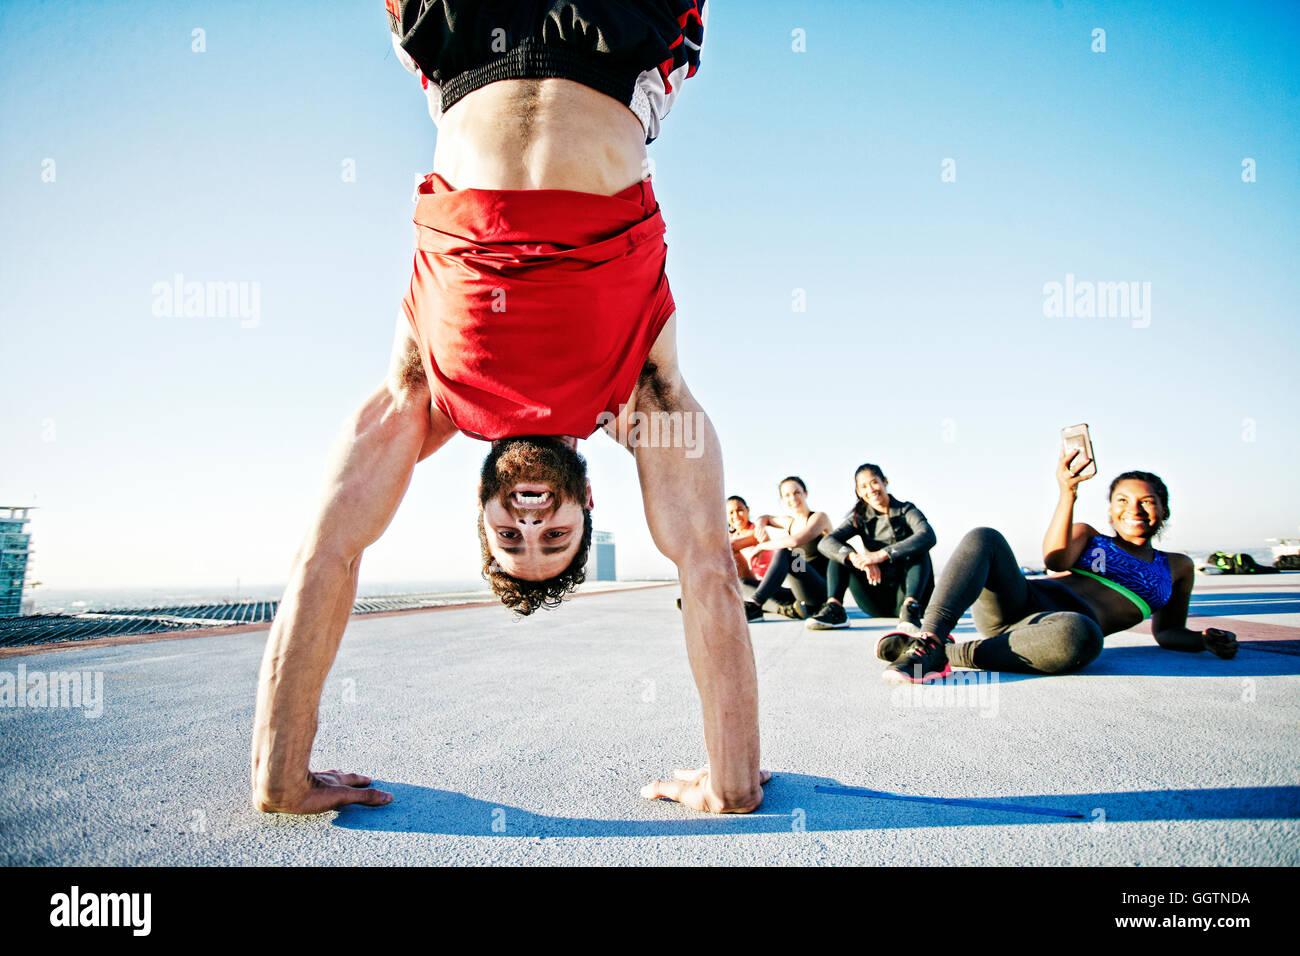 Frau fotografieren Mann tun Handstand auf städtischen Dach Stockfoto